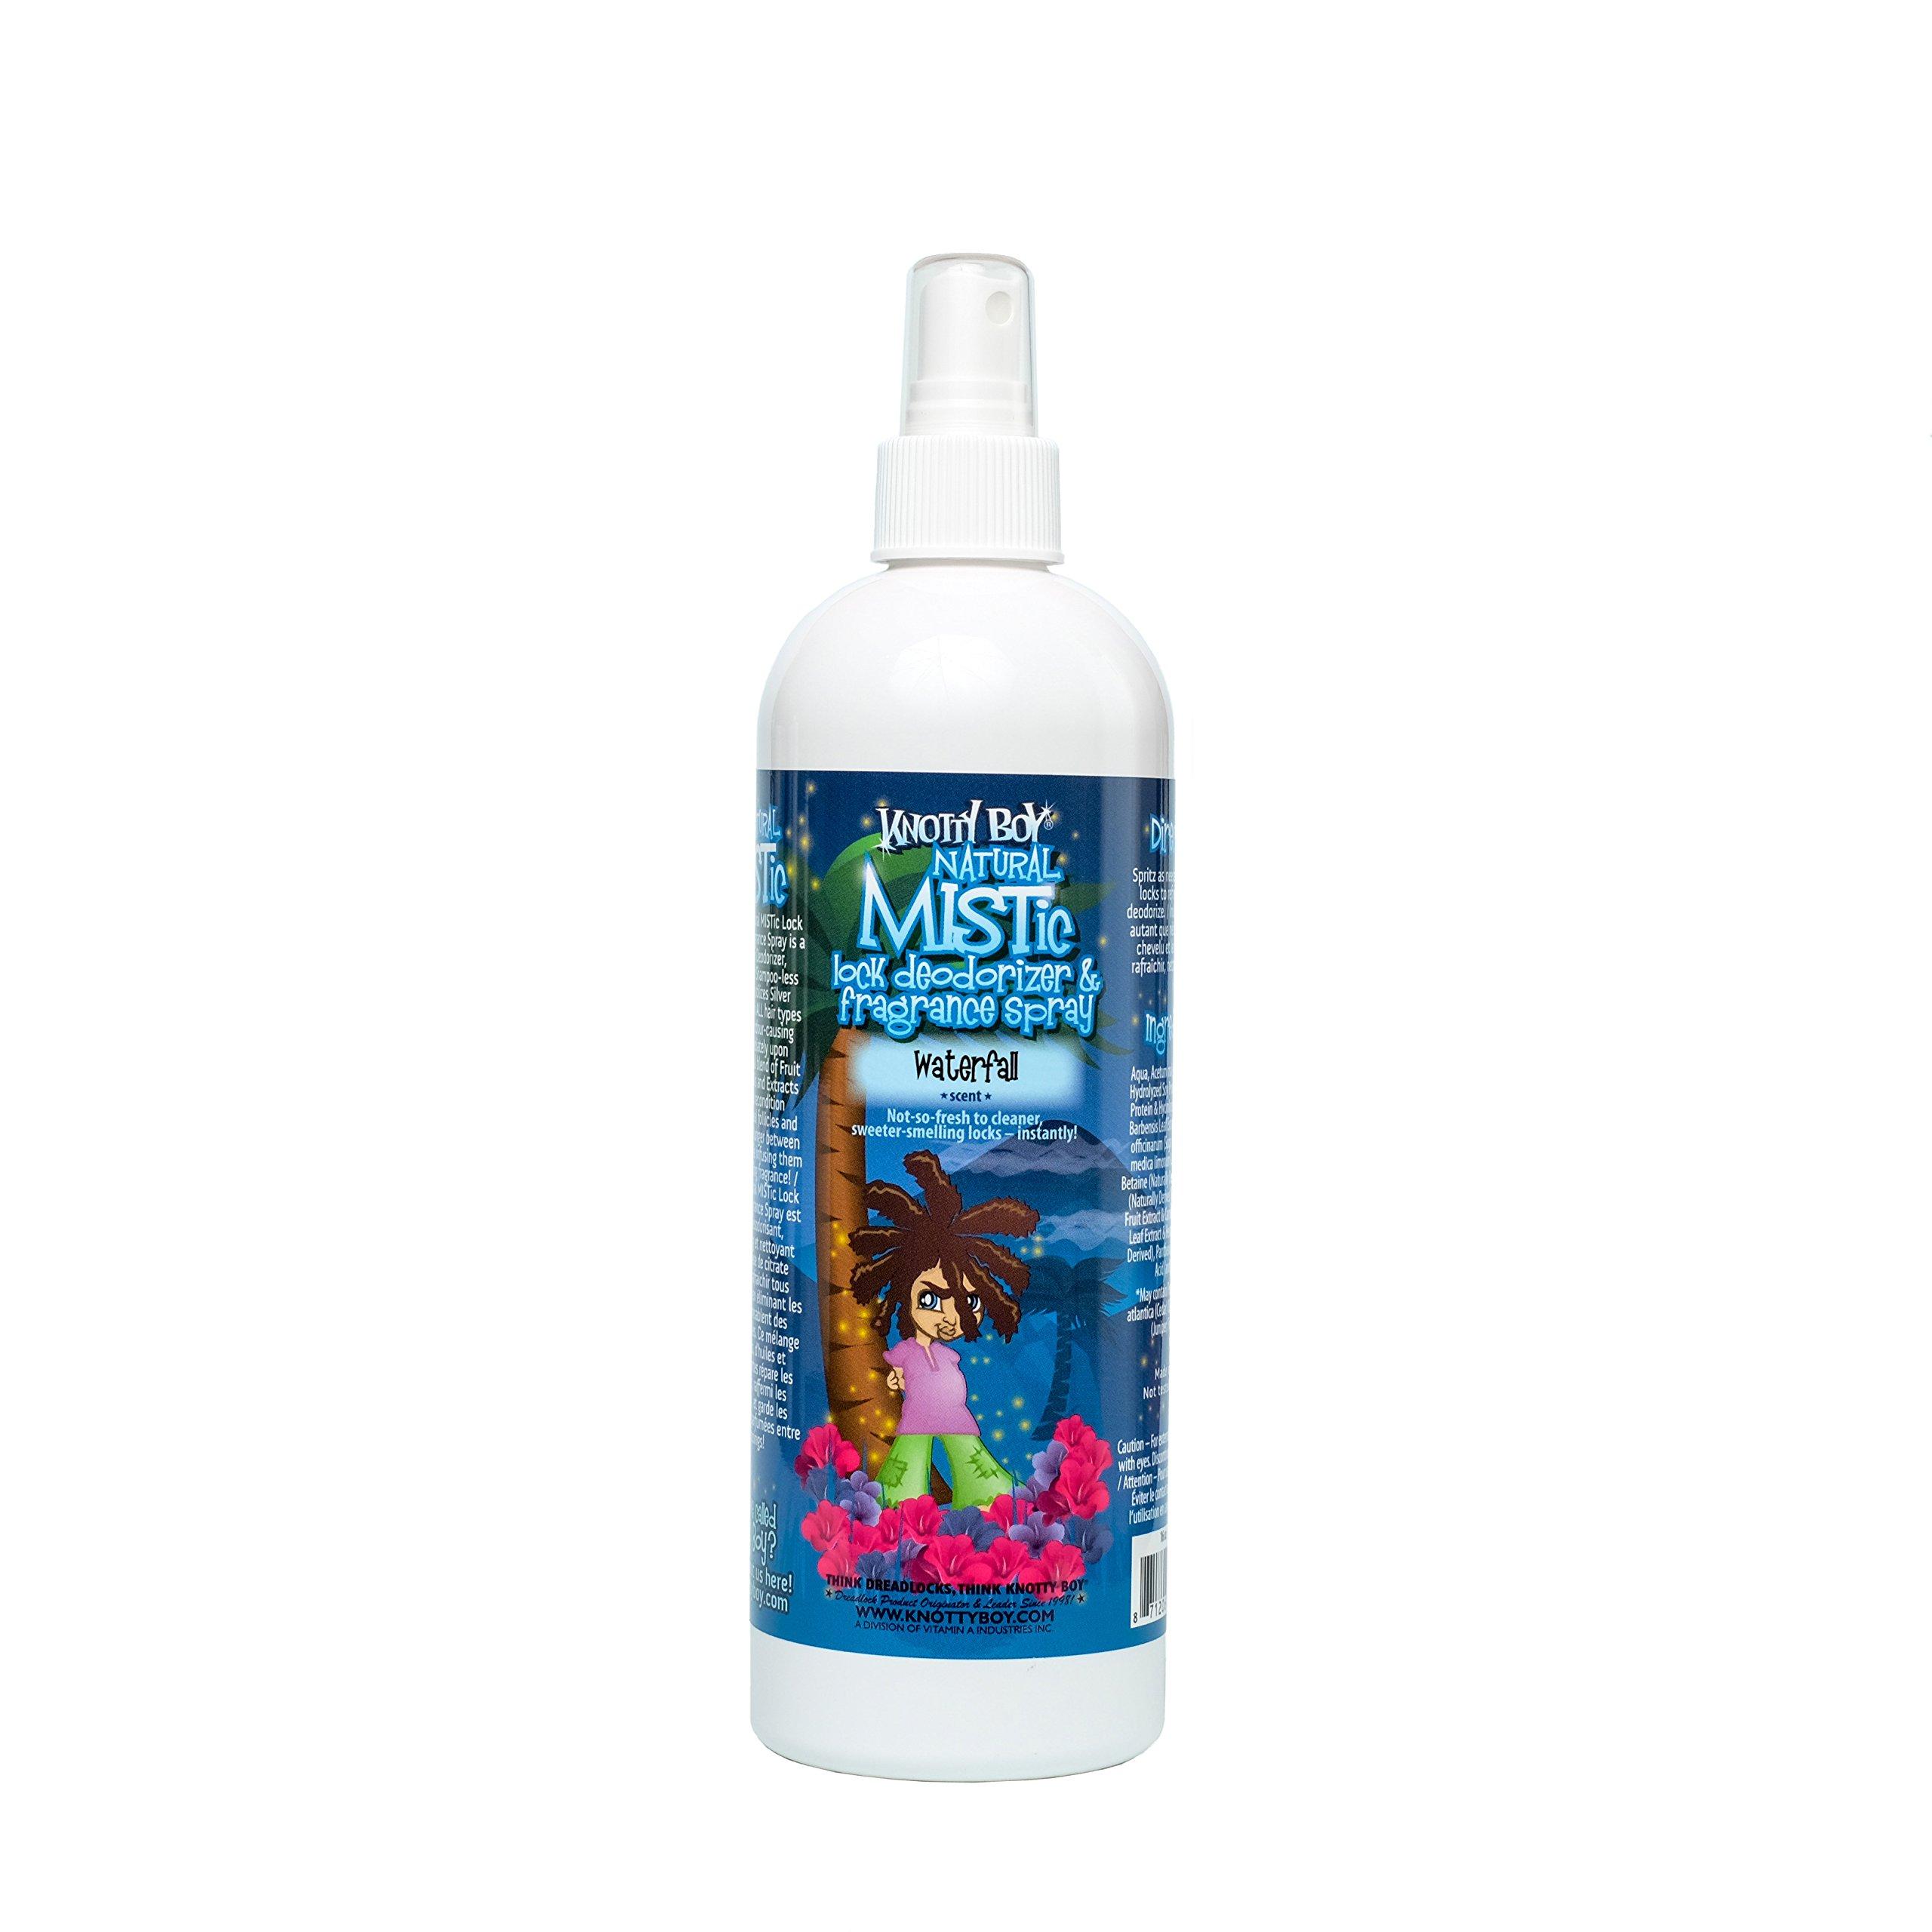 Knotty Boy Dreadlock Deodorizer & Fragrance Spray Waterfall 16oz